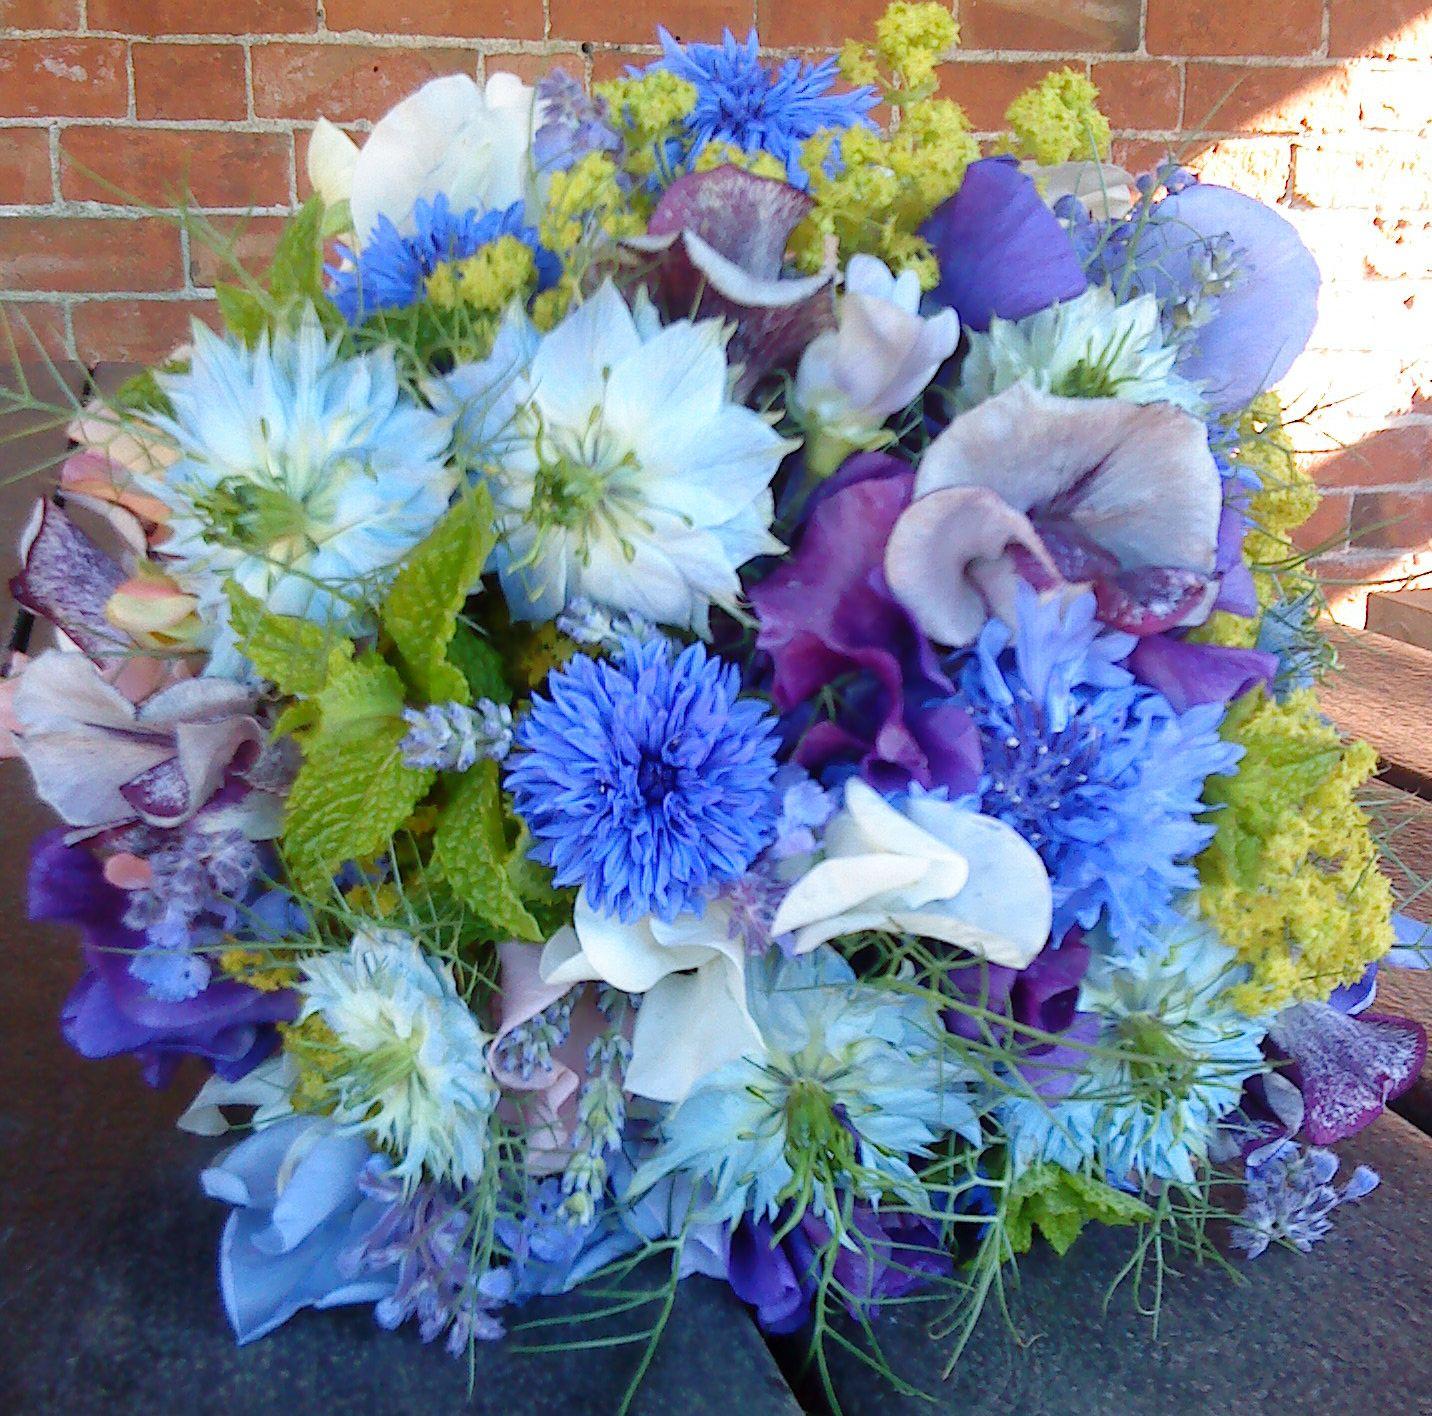 Vermont Wedding Flowers: Cornflower And Nigella Bouquet - Catkin